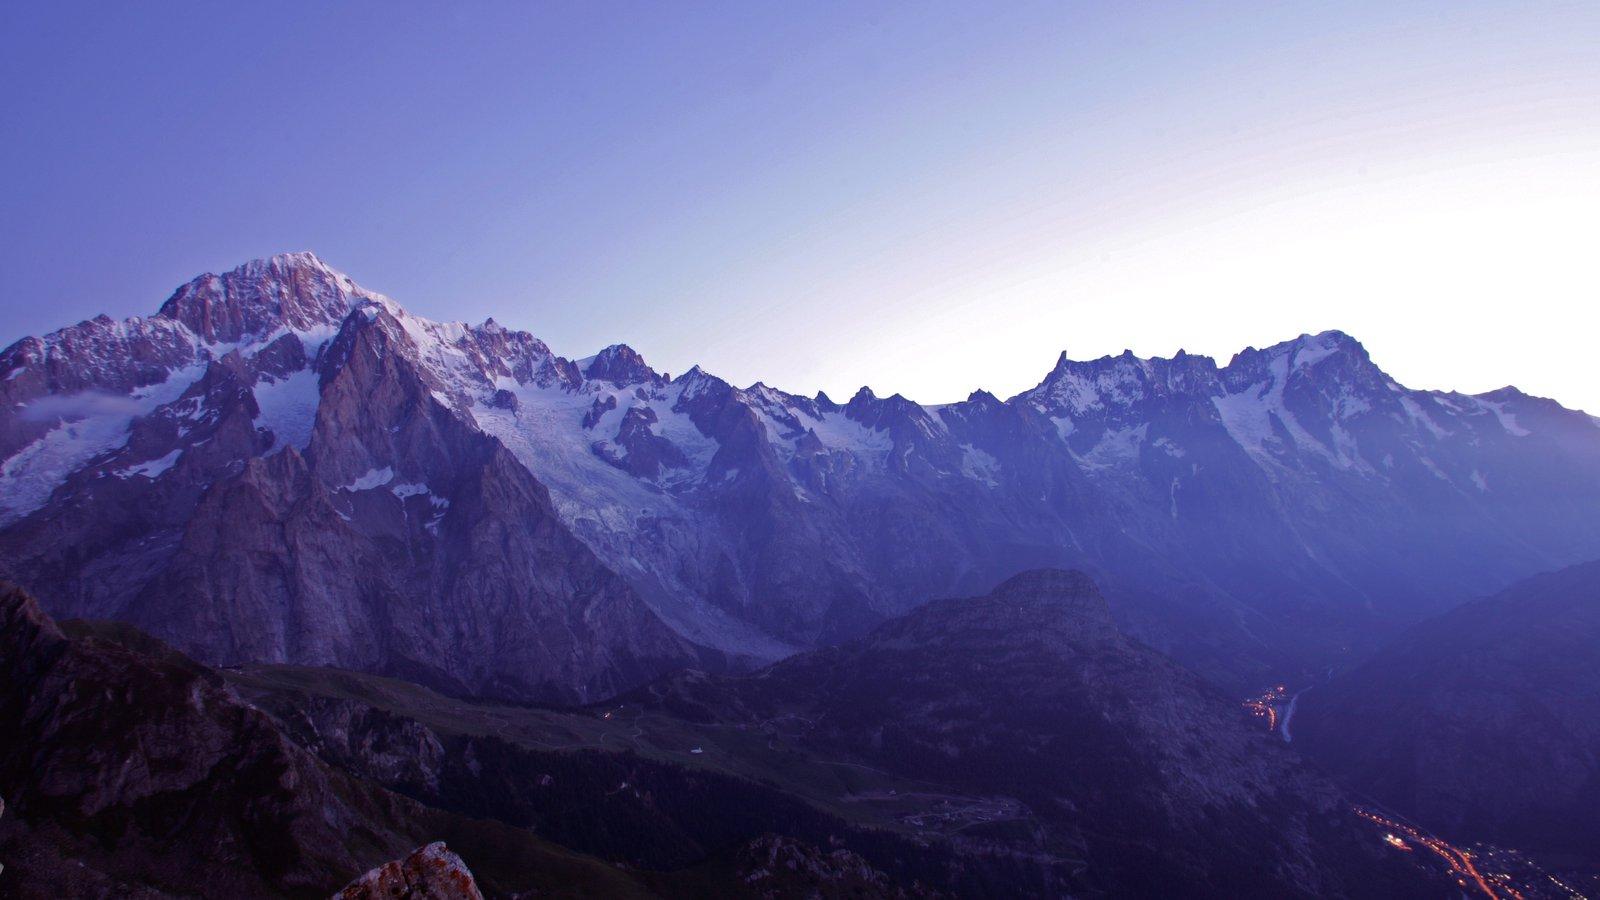 Courmayeur ofreciendo una puesta de sol, nieve y montañas